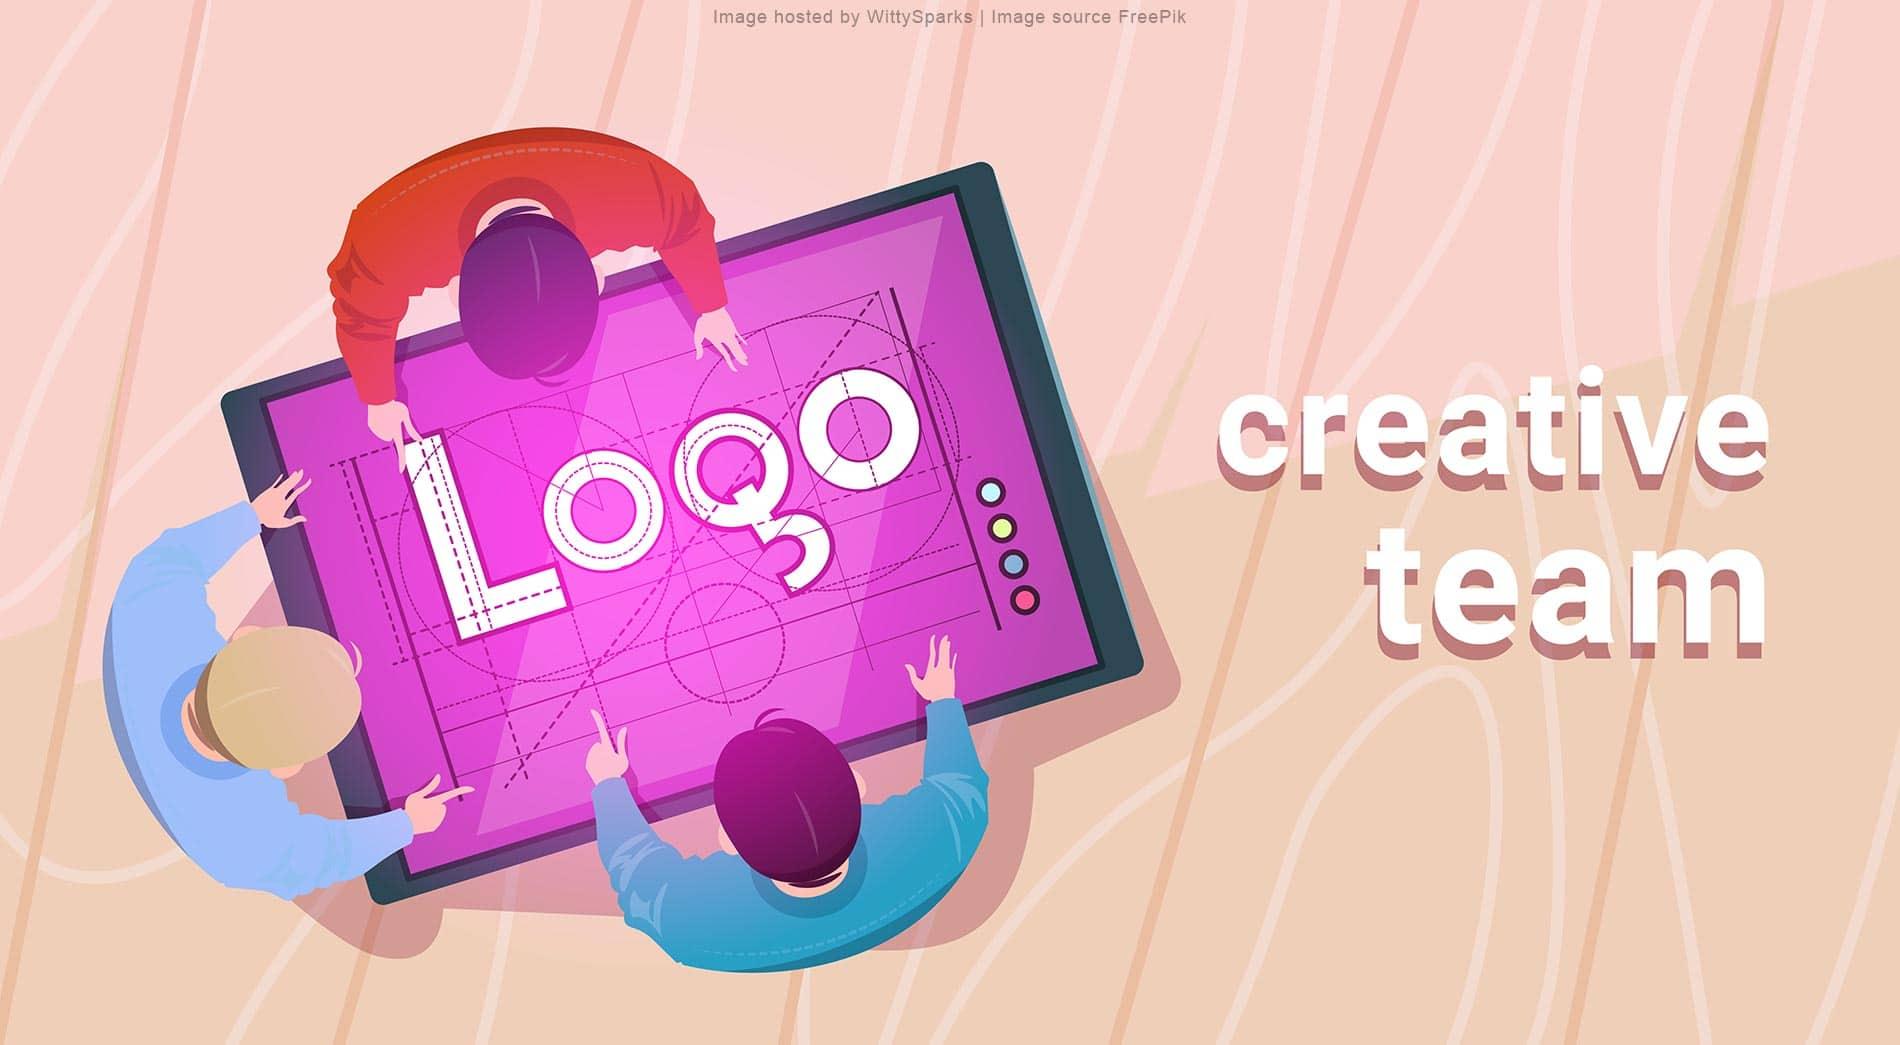 Creative team designing logo